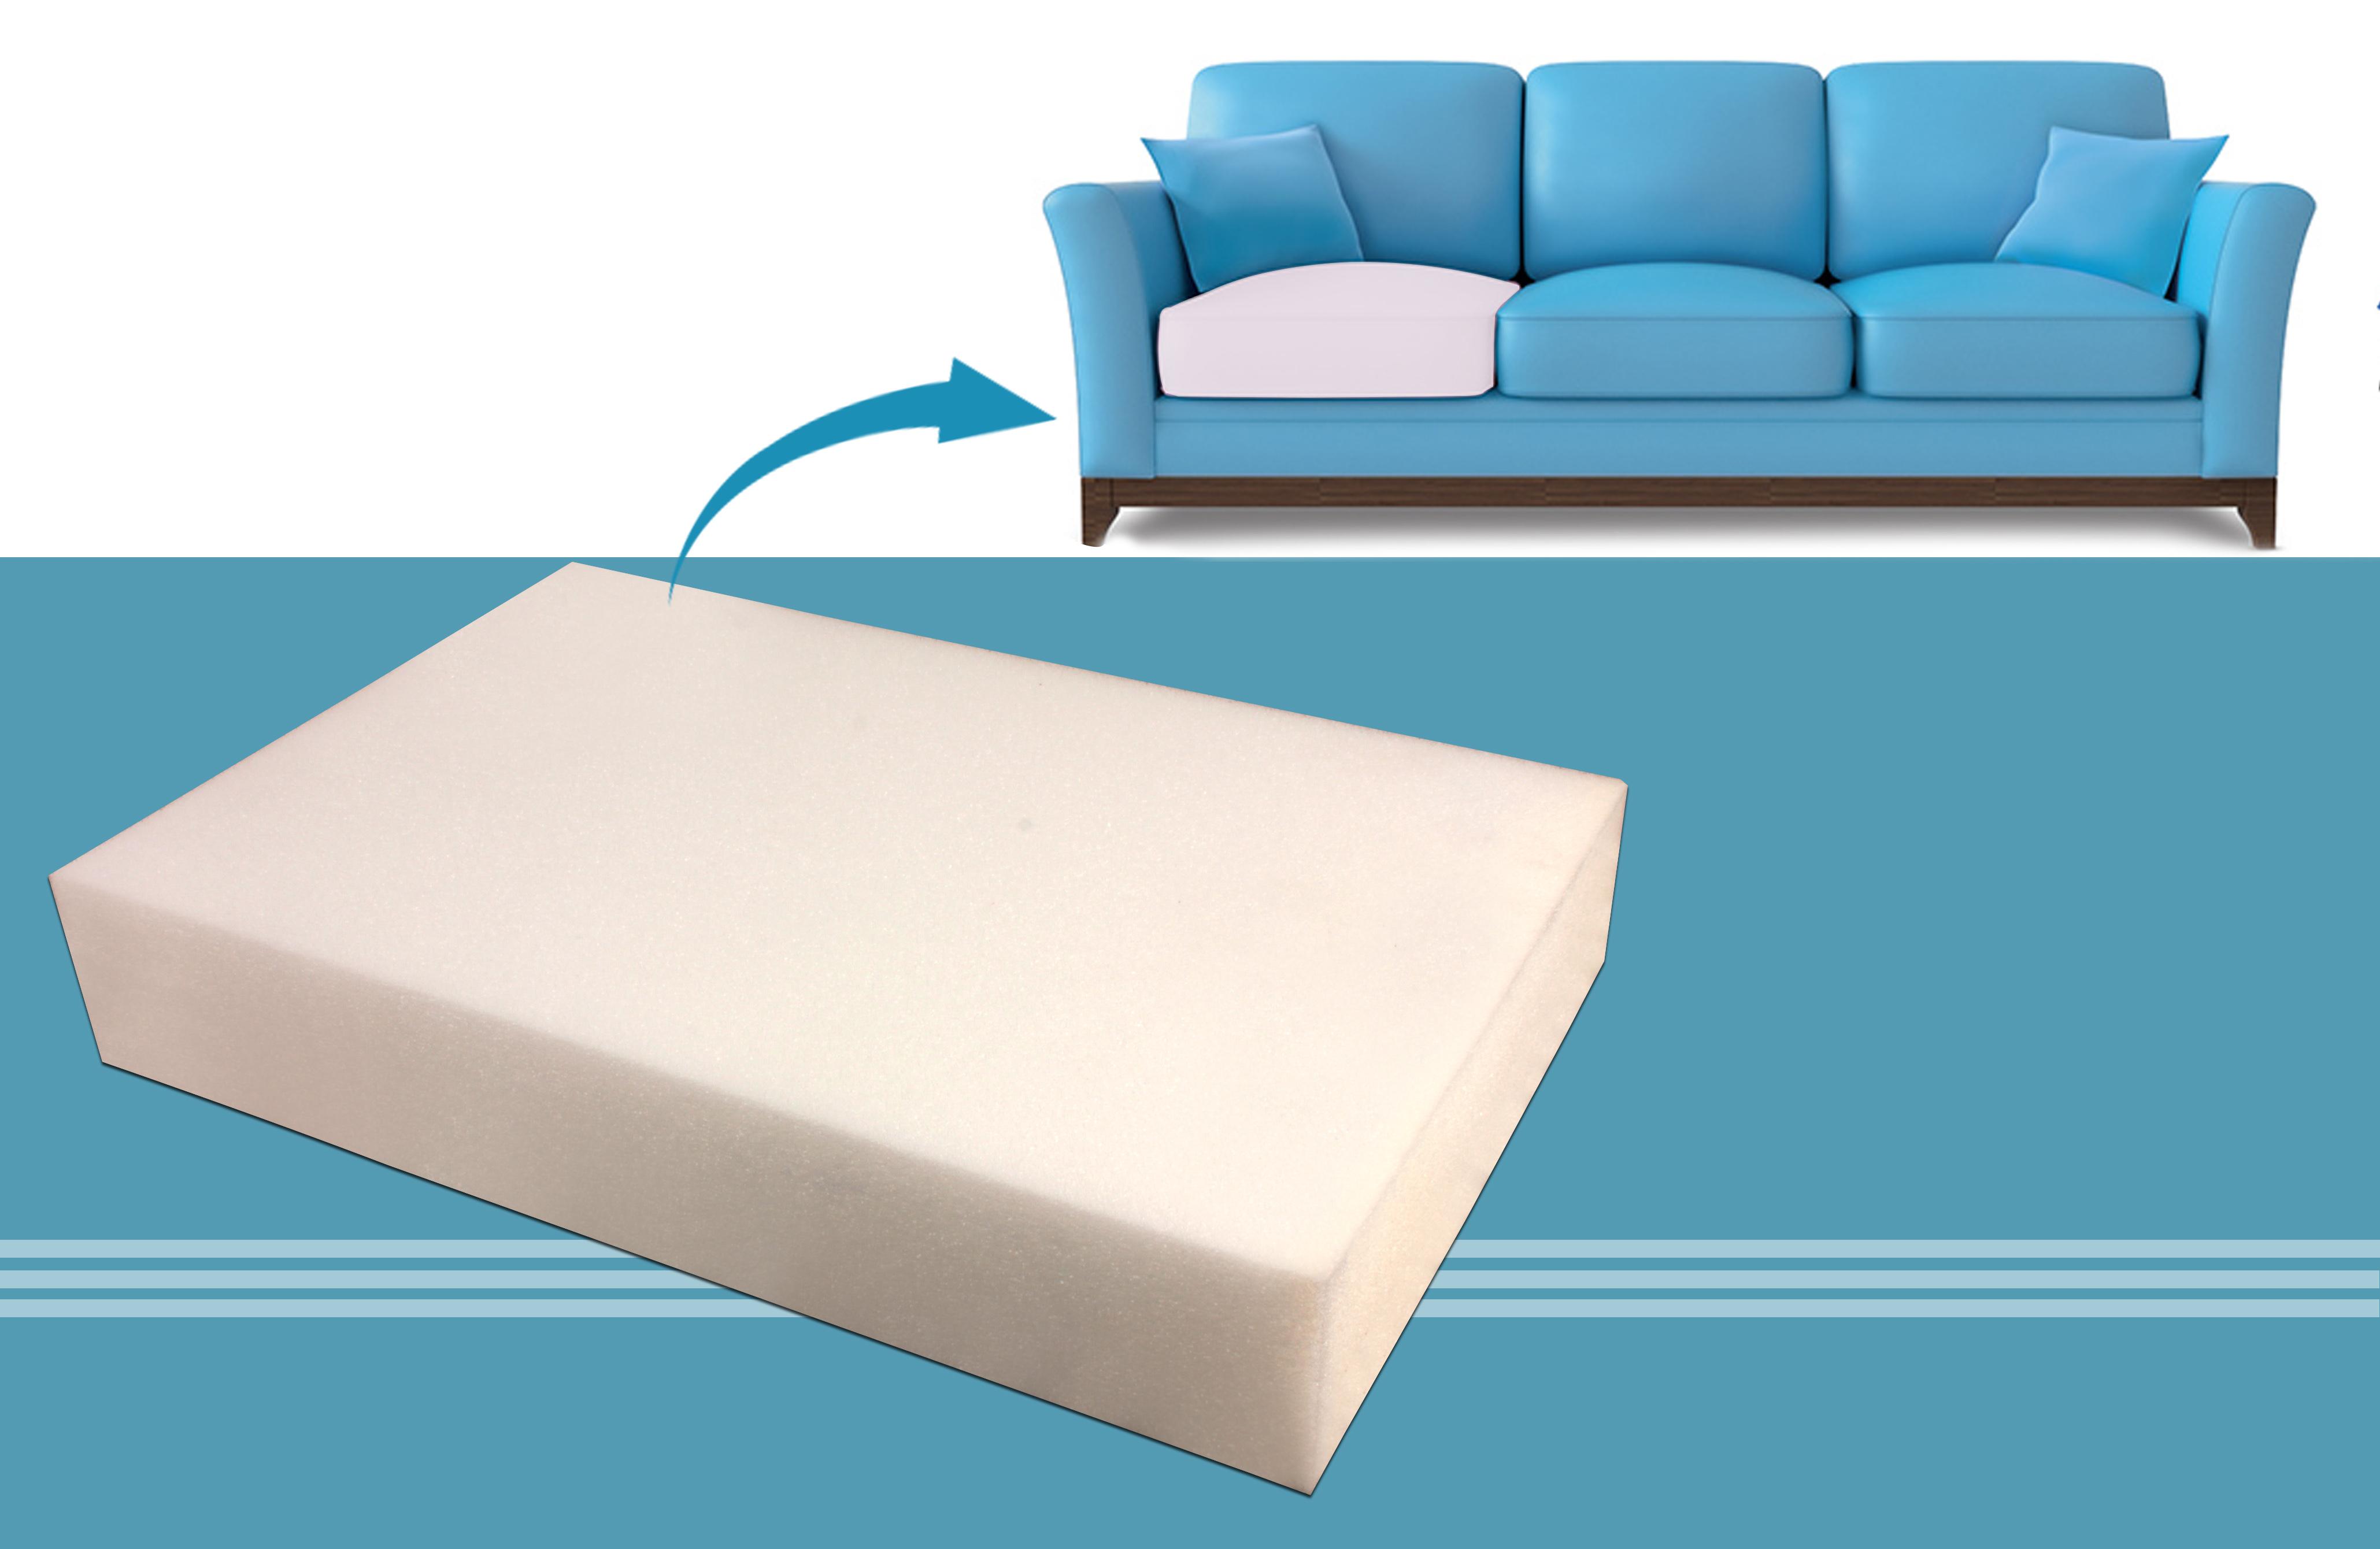 PU Foam for sofa, furniture